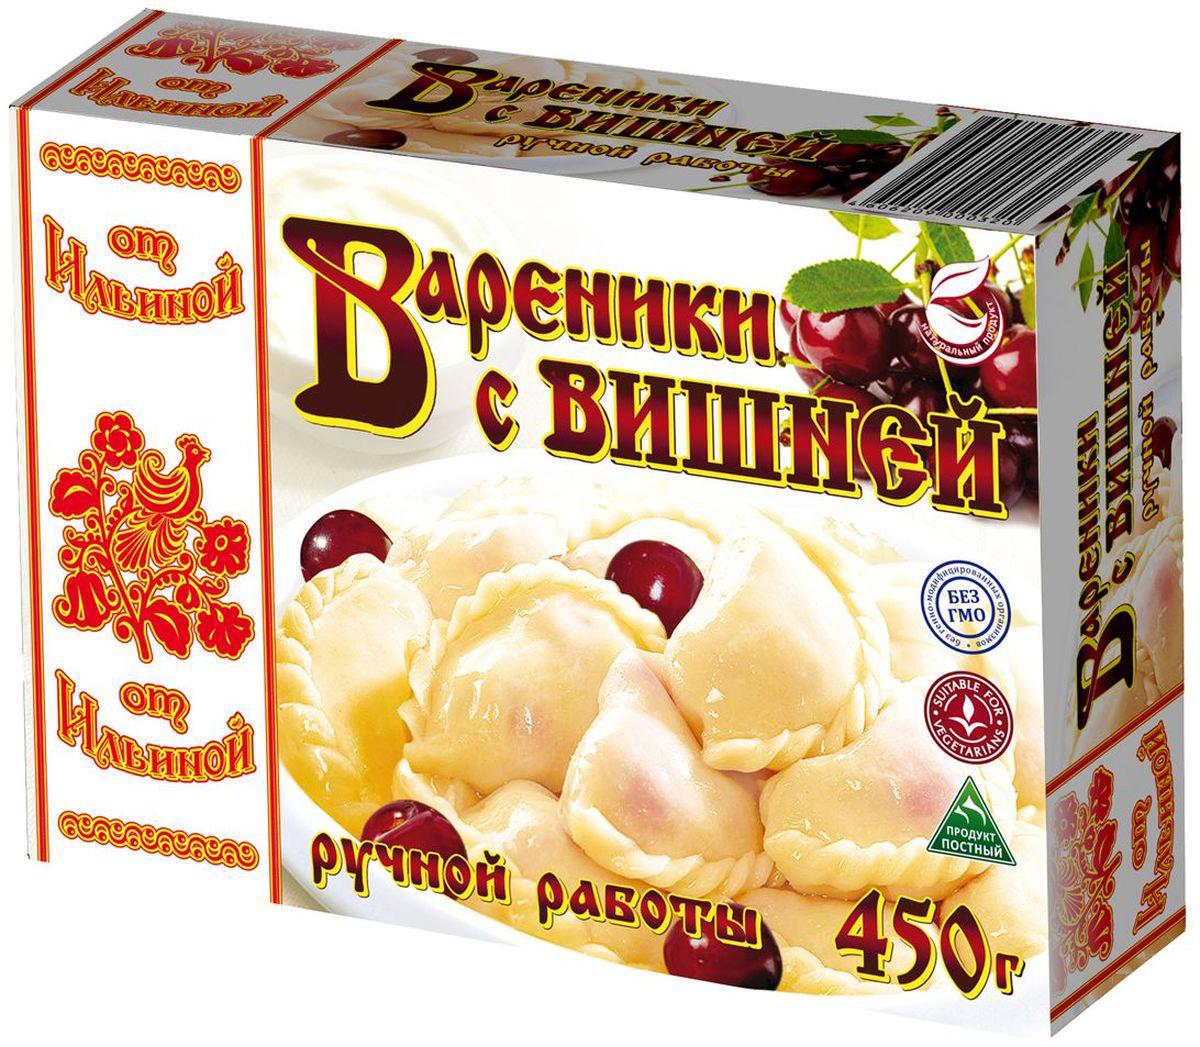 От Ильиной Вареники с вишней, ручной работы, 450 г домашние вареники пельмени лапша лазанья галушки и другие вкусности